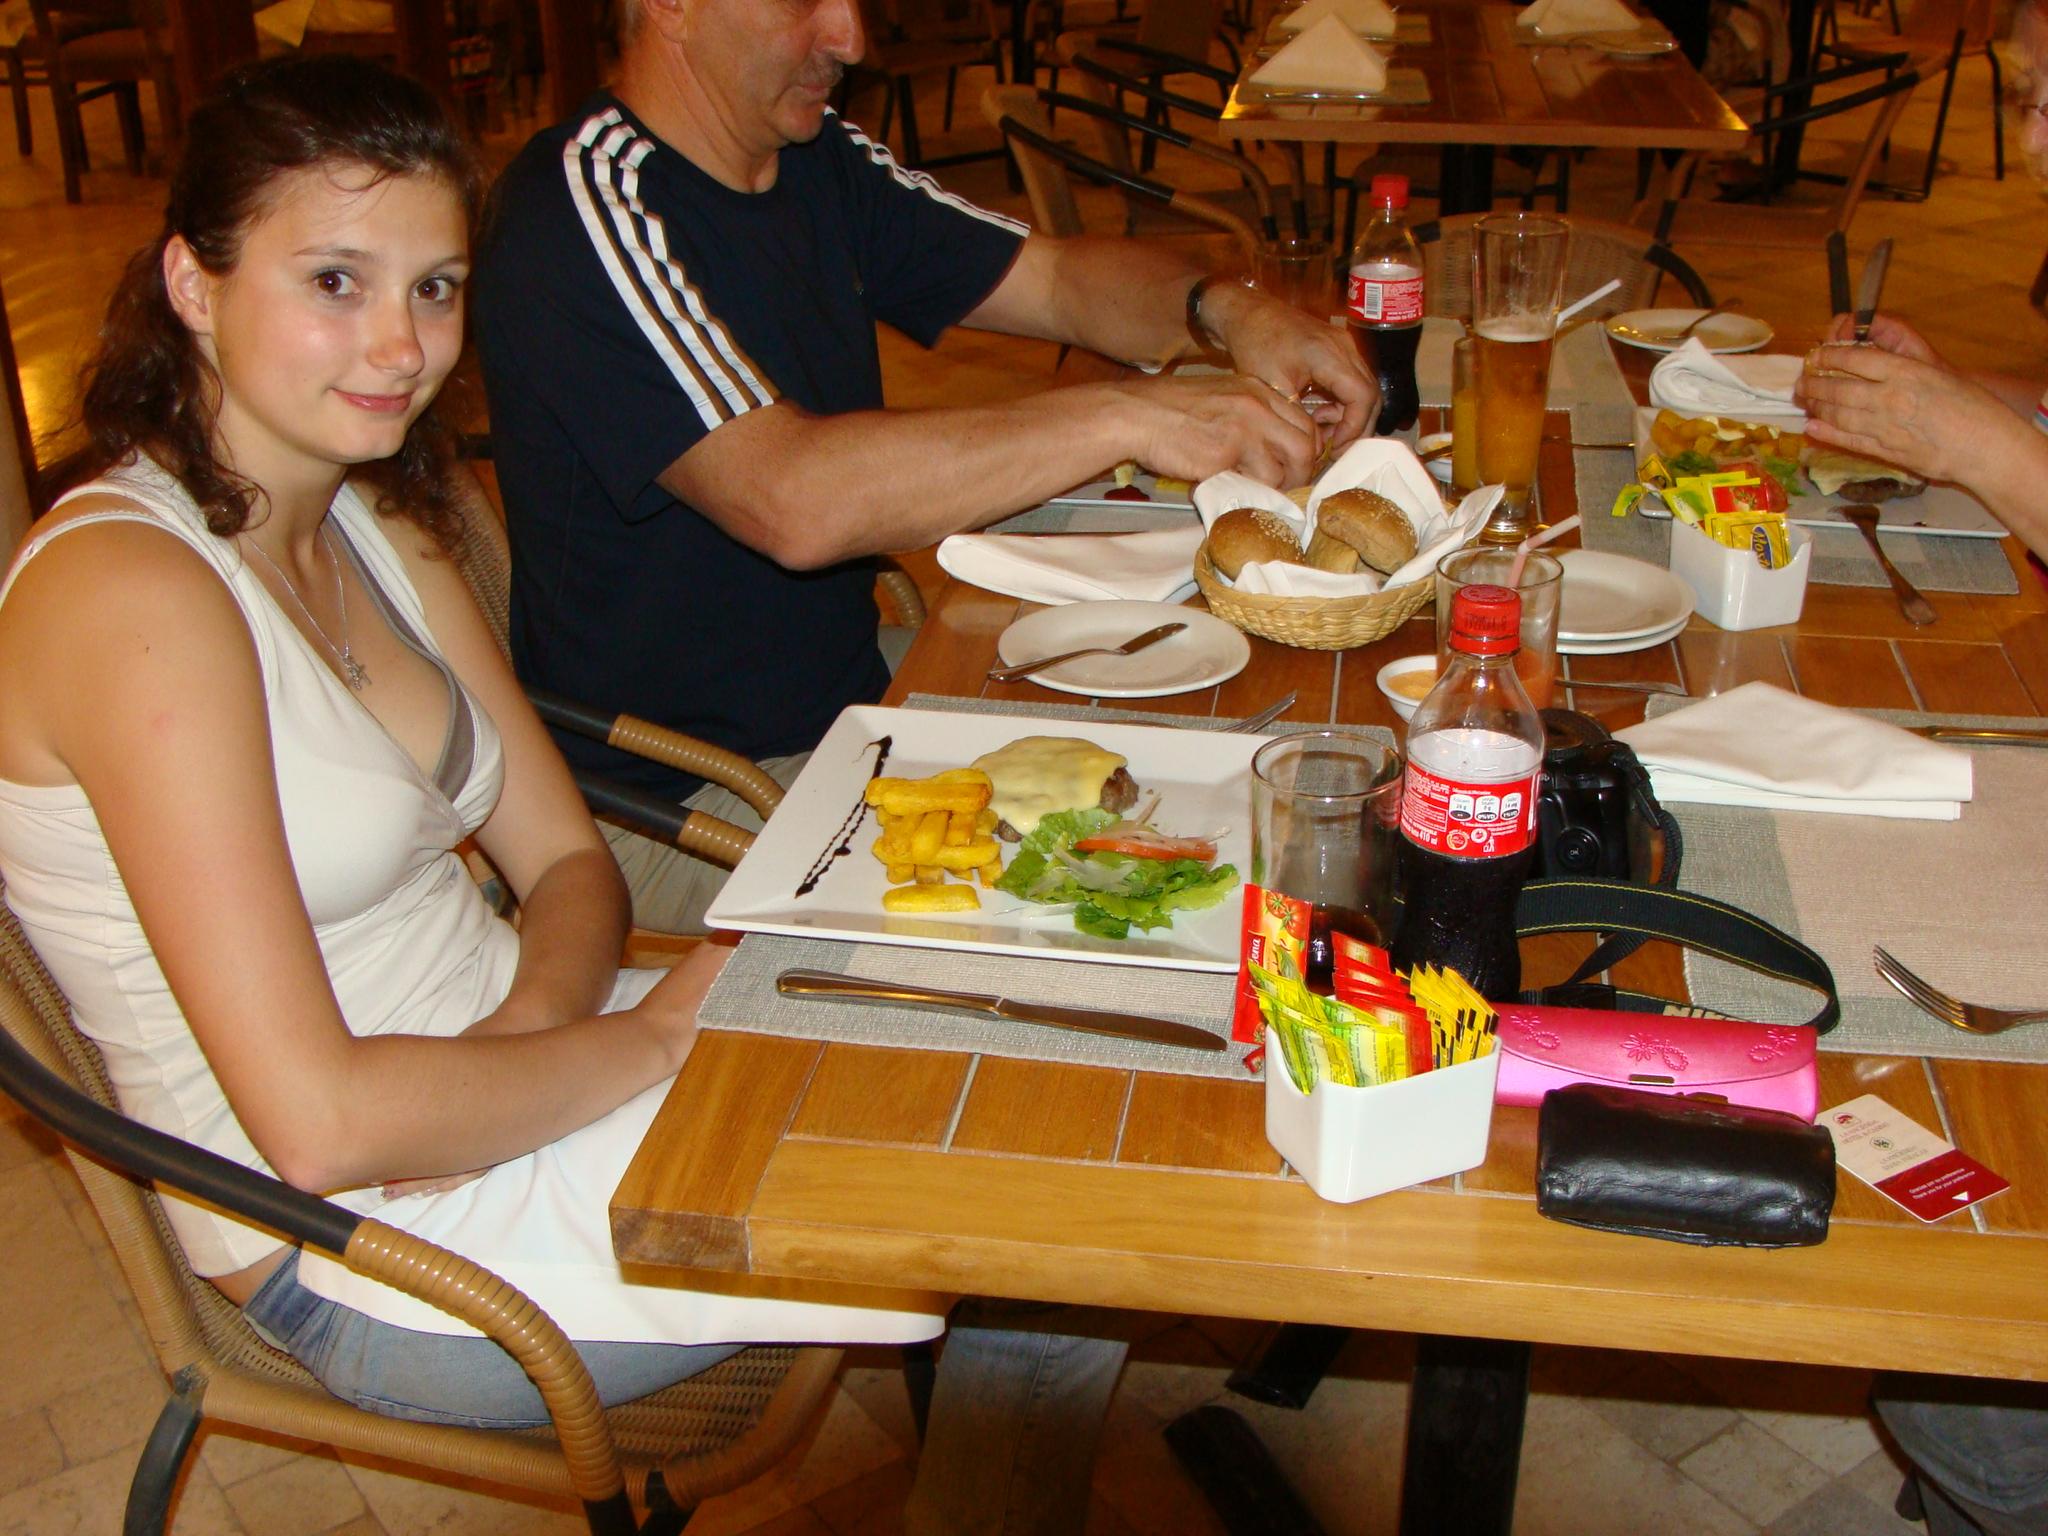 Paracas - při večeři 21. 2. 2011 20:26